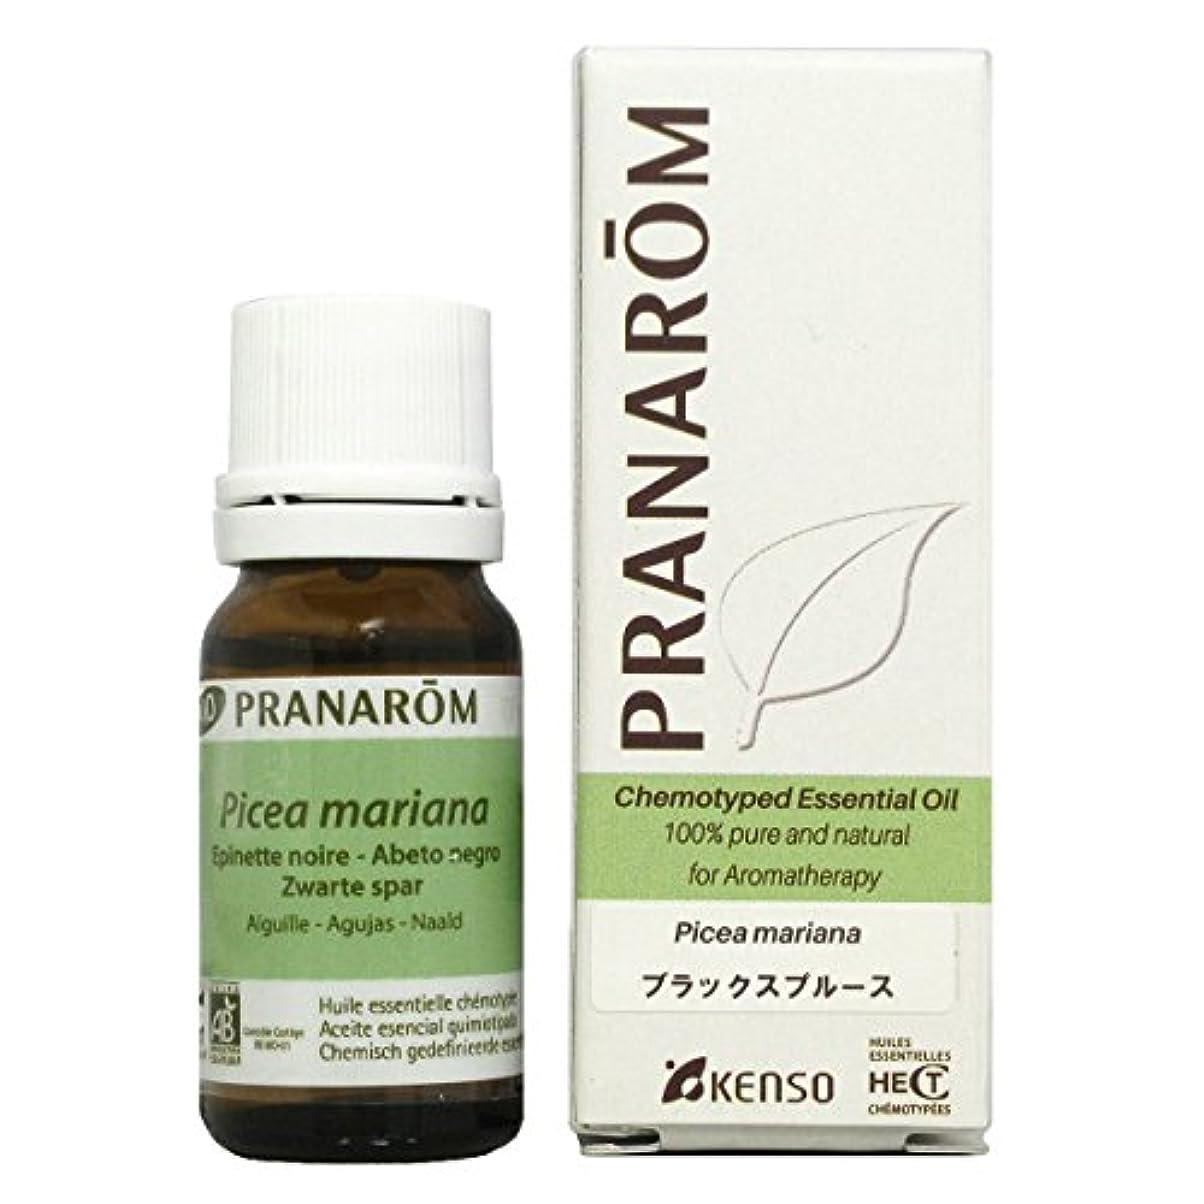 エゴイズム普遍的なアジャプラナロム ブラックスプルース 10ml (PRANAROM ケモタイプ精油)